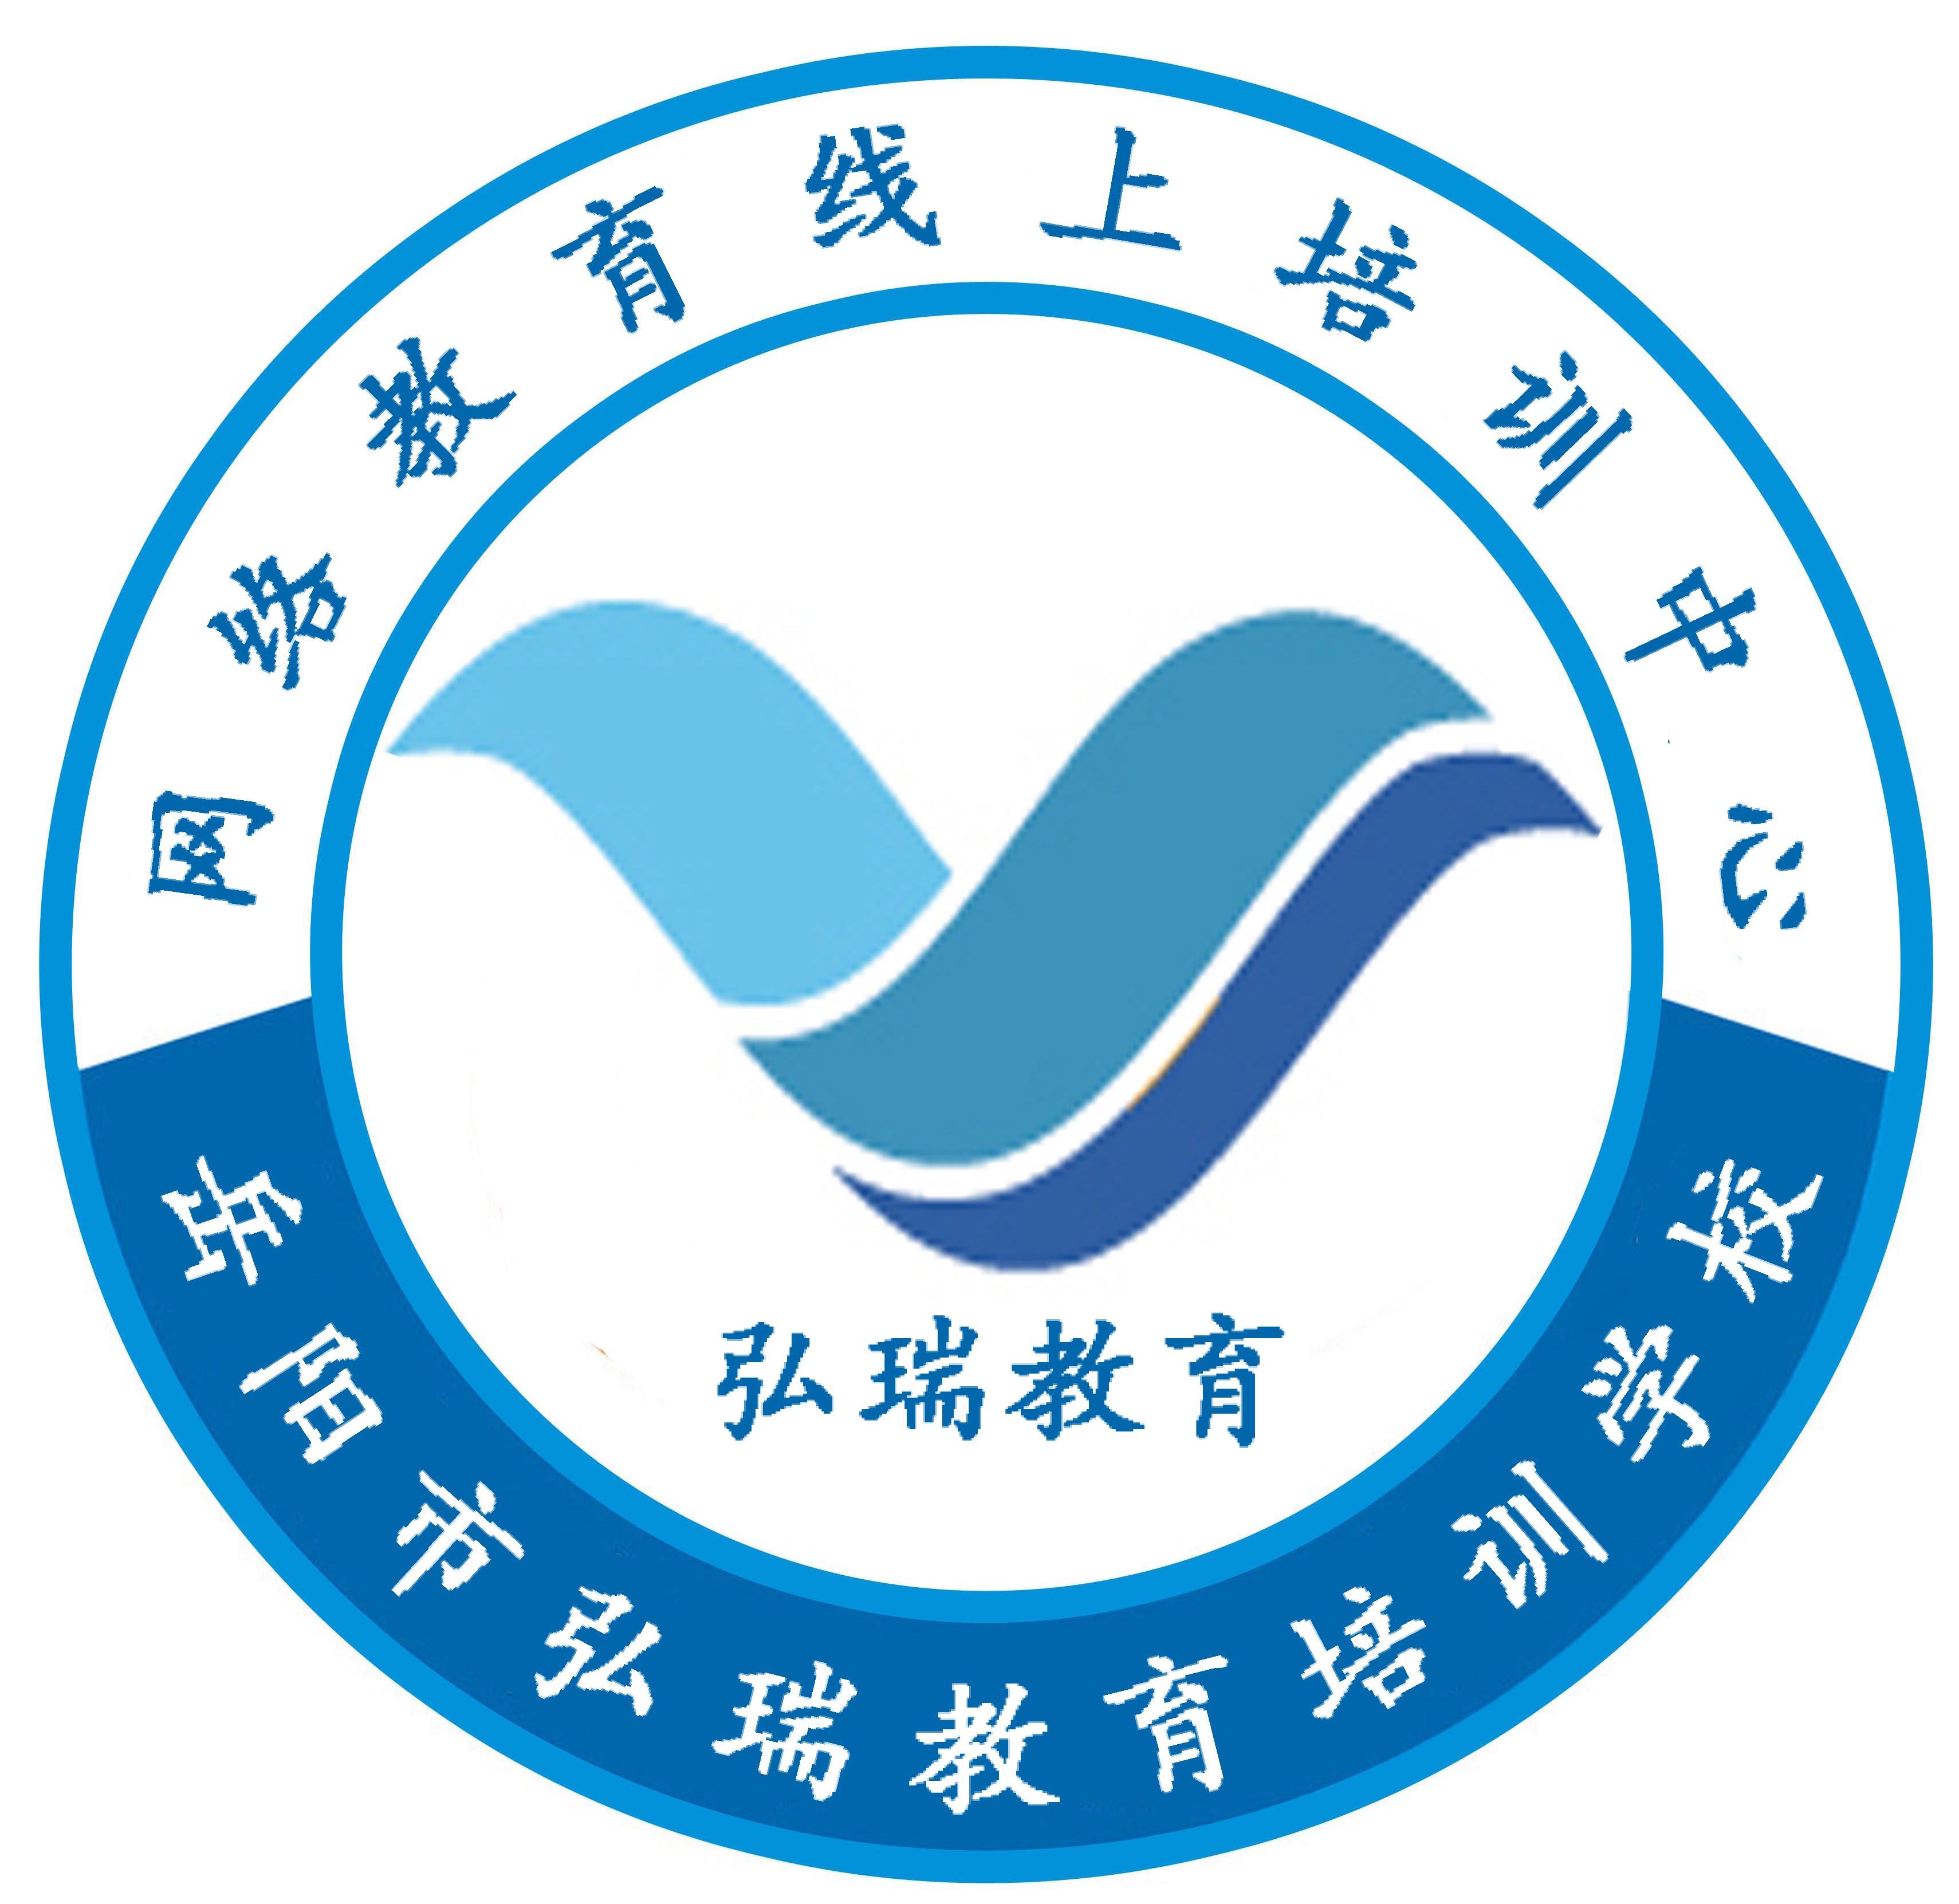 岳阳市弘瑞教育培训学校